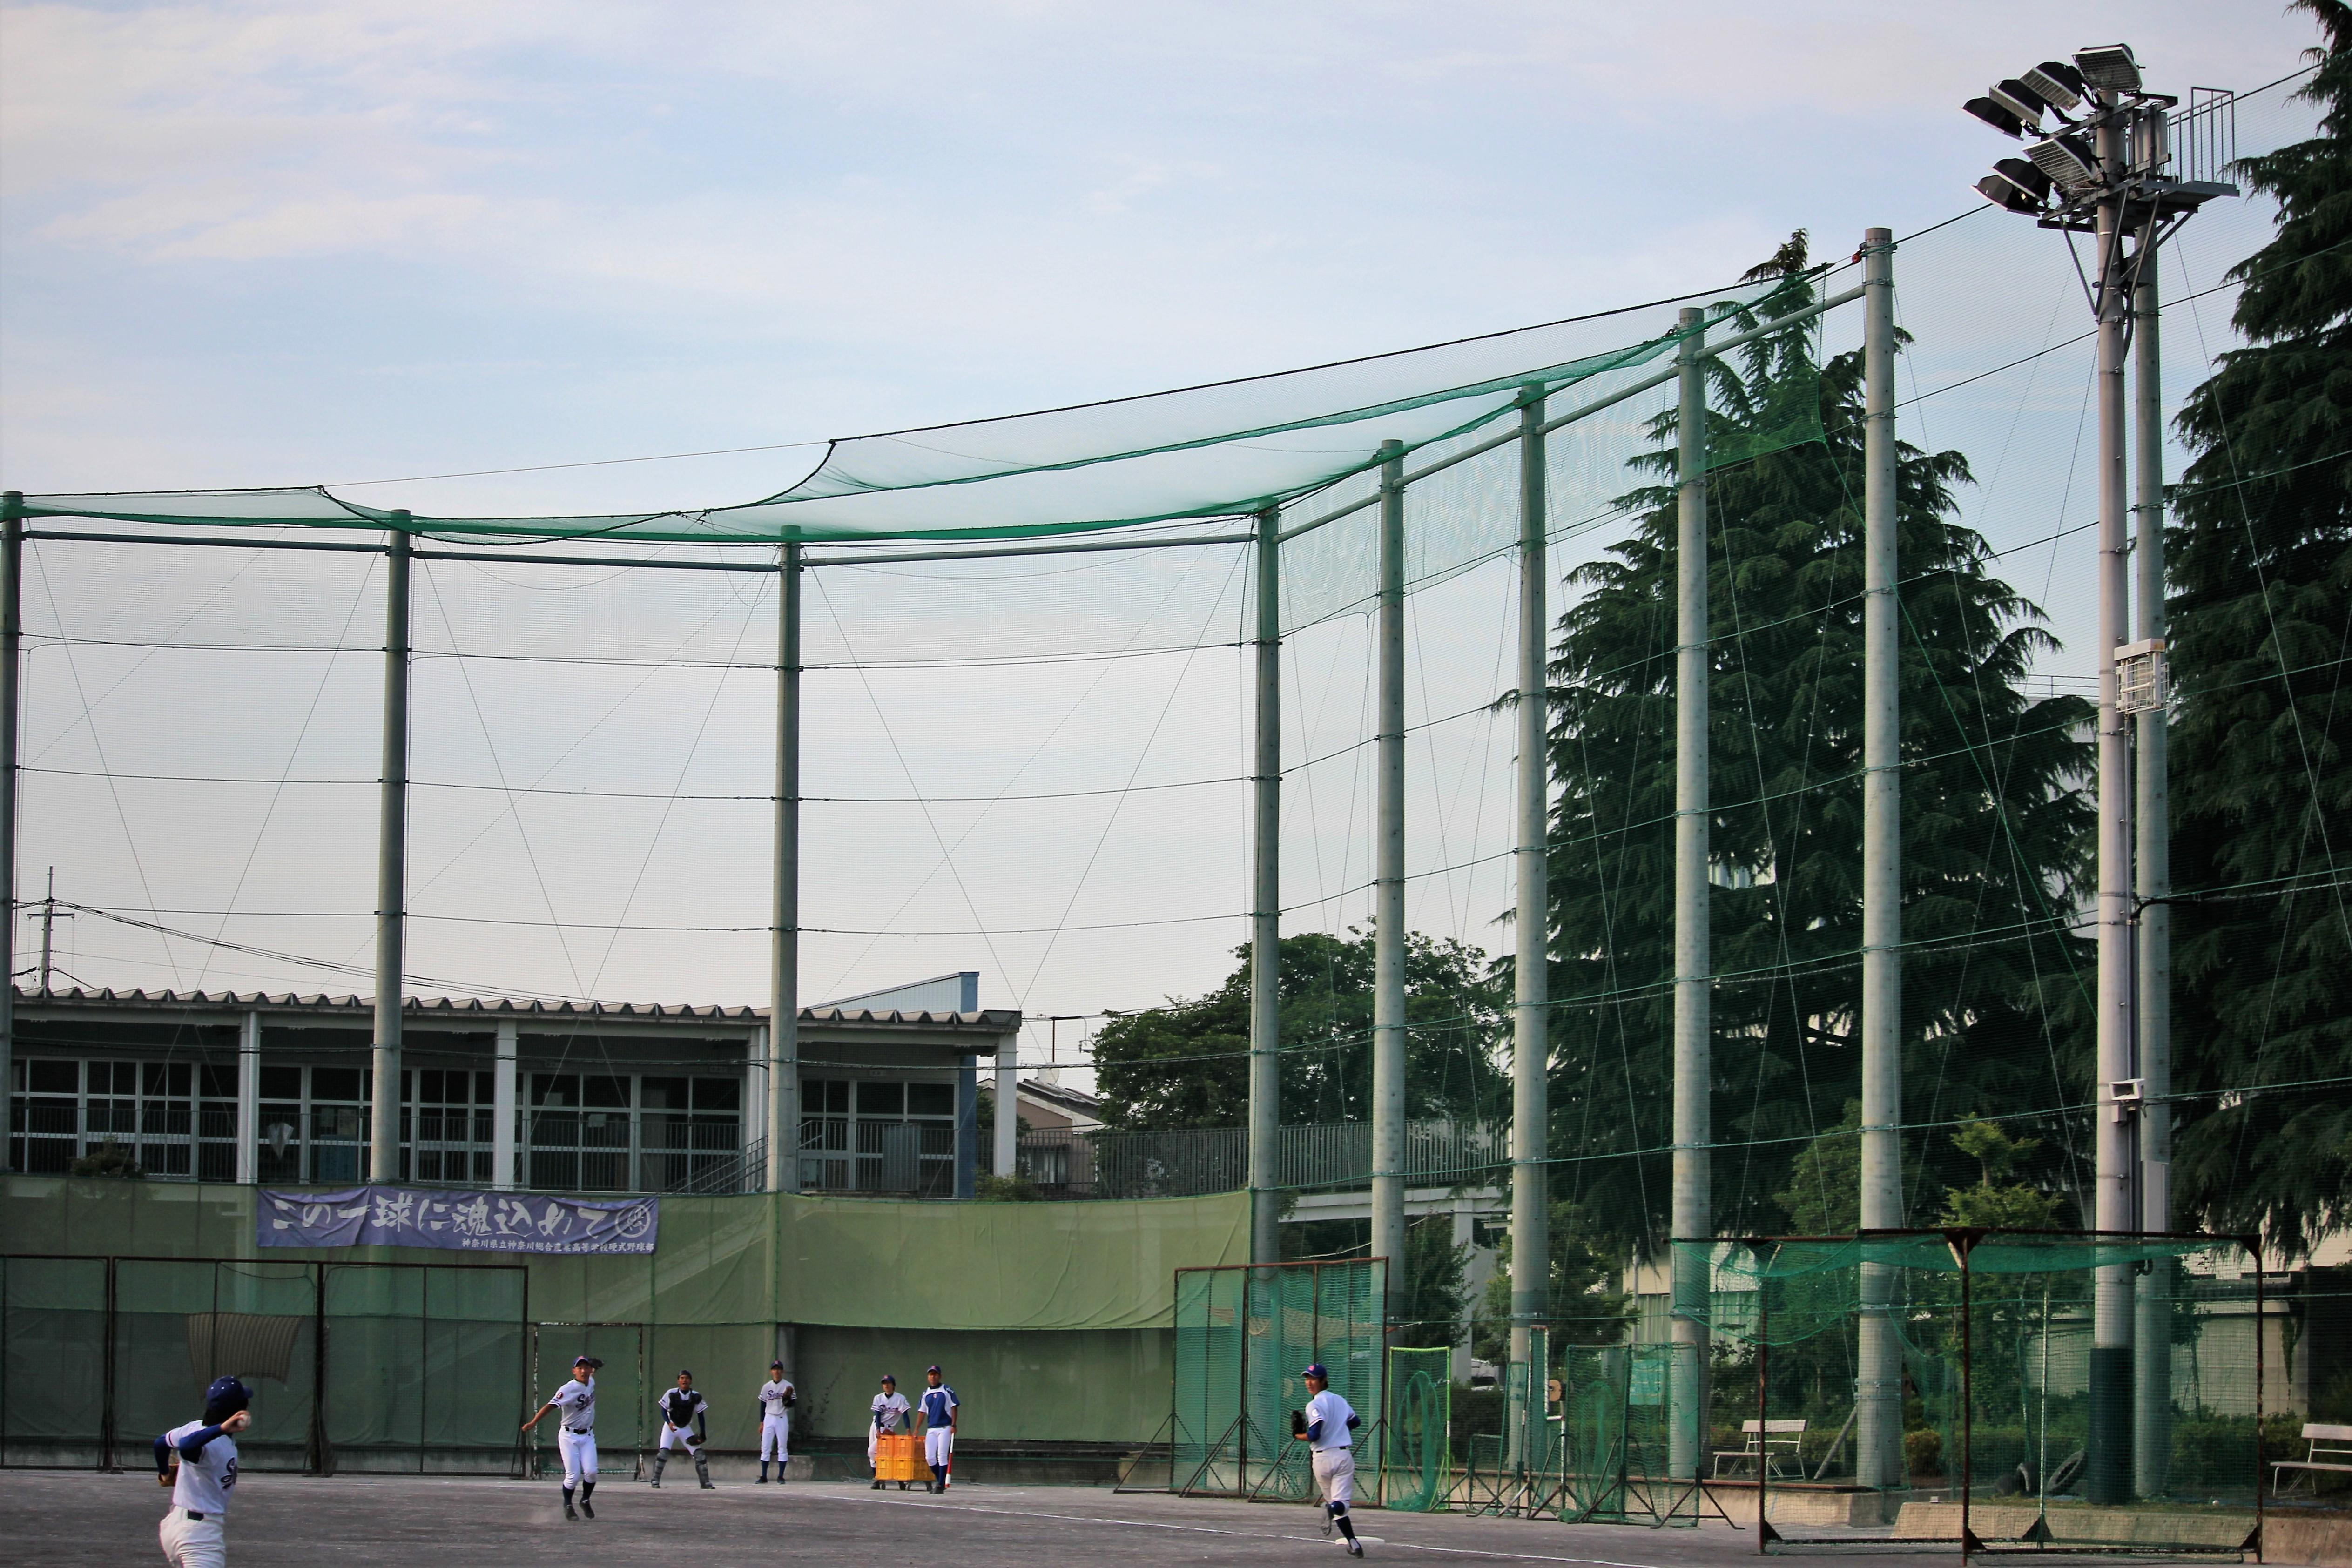 【神奈川総合産業 野球部】「絶対にうまくなる」充実した設備